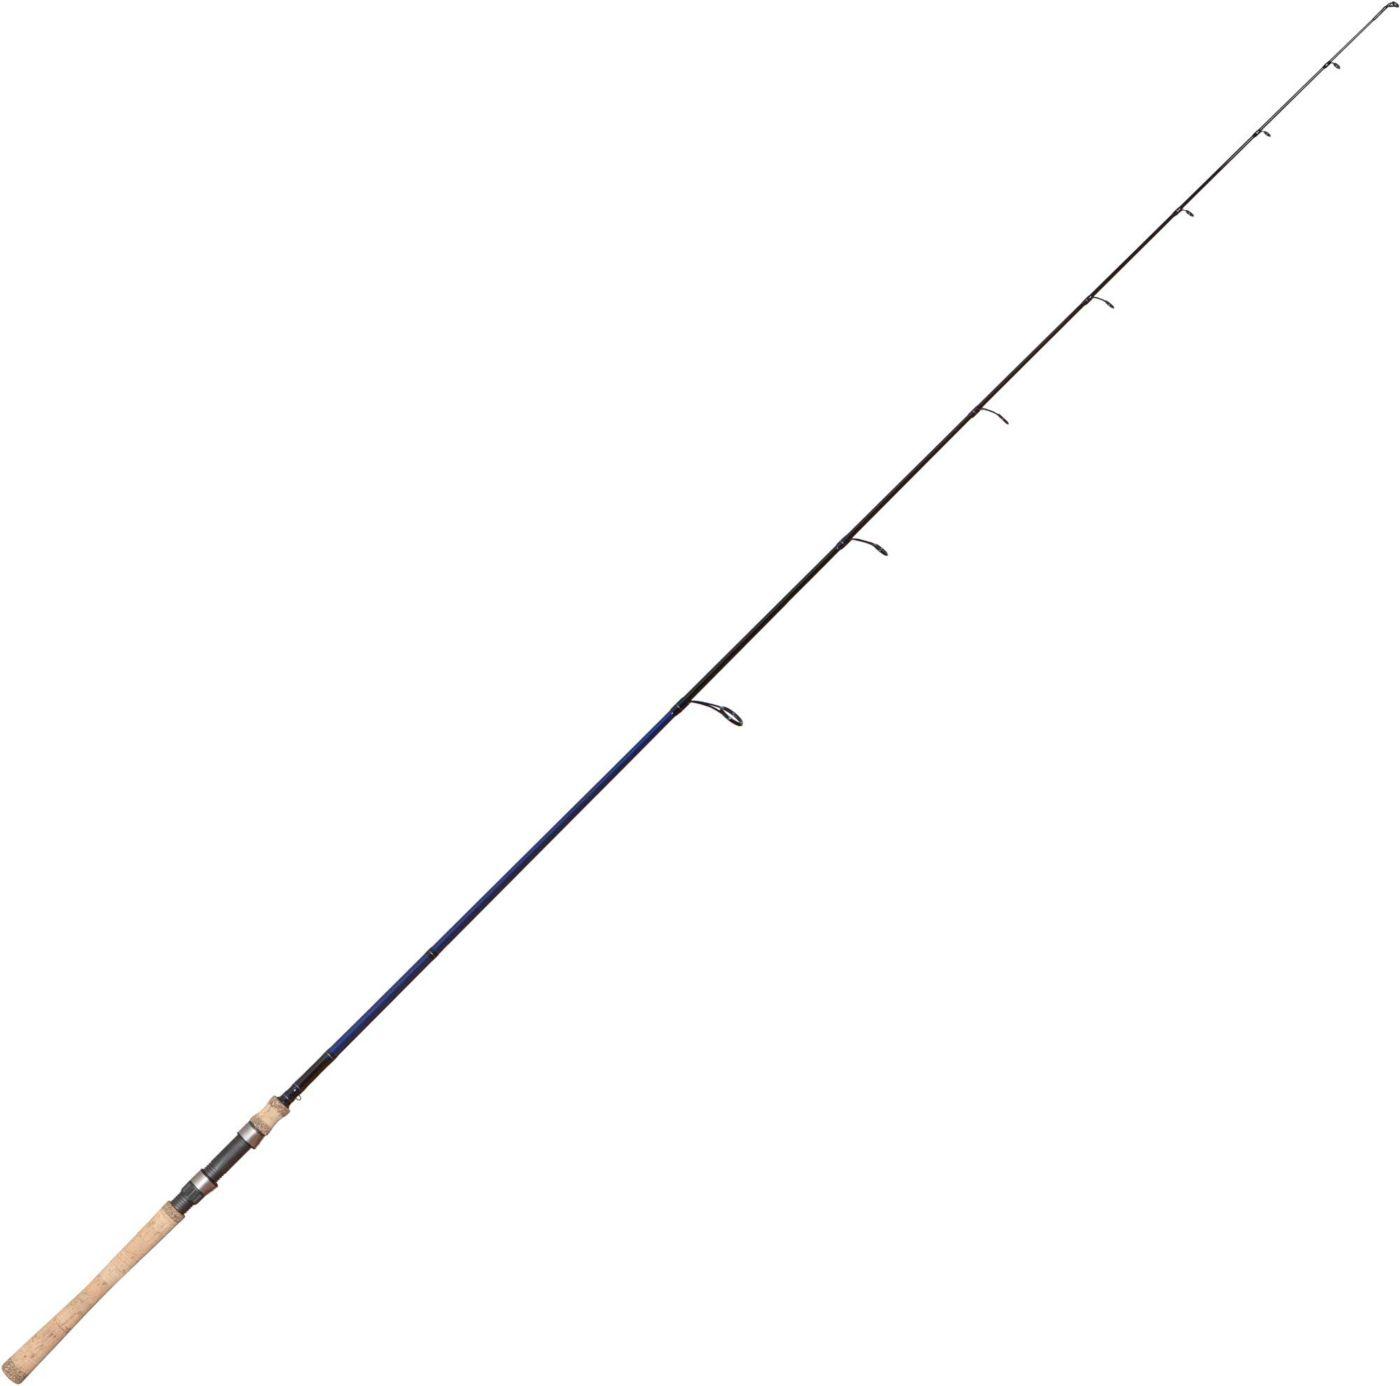 Talavera Inshore Spinning Rod